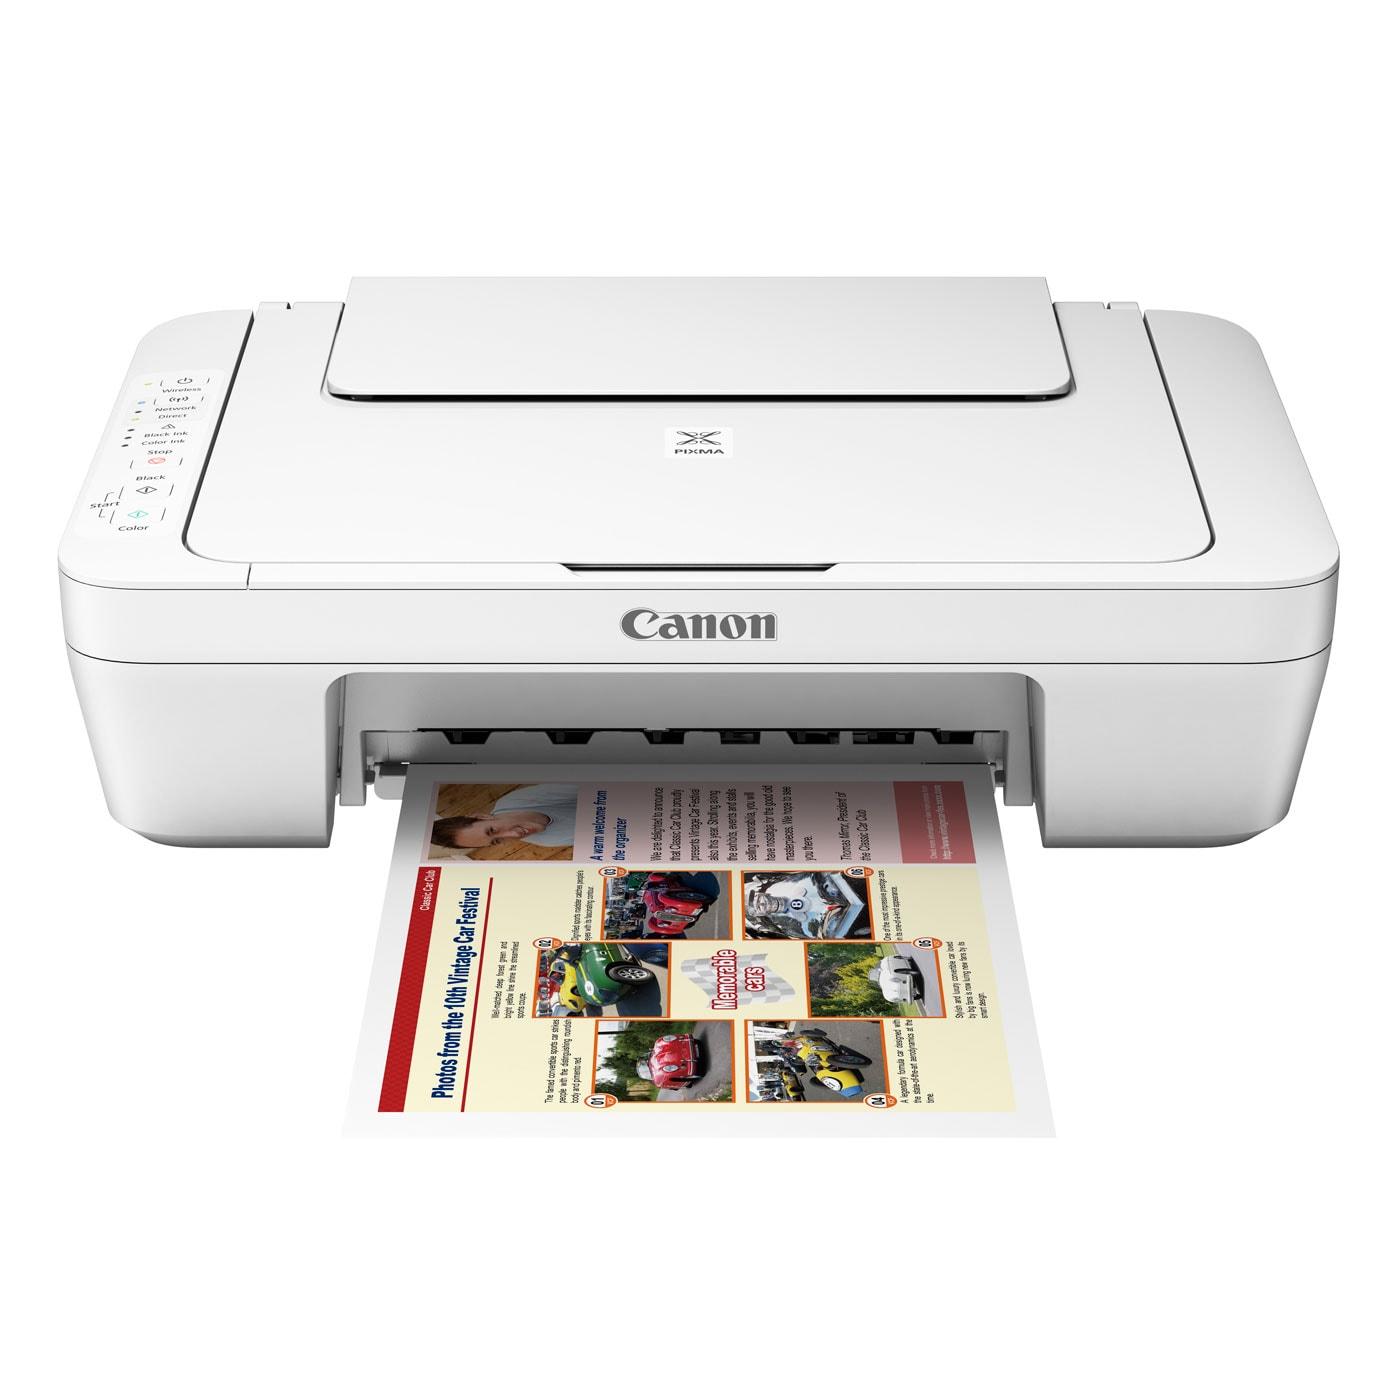 Imprimante multifonction Canon PIXMA MG3051 Blanche - Cybertek.fr - 2